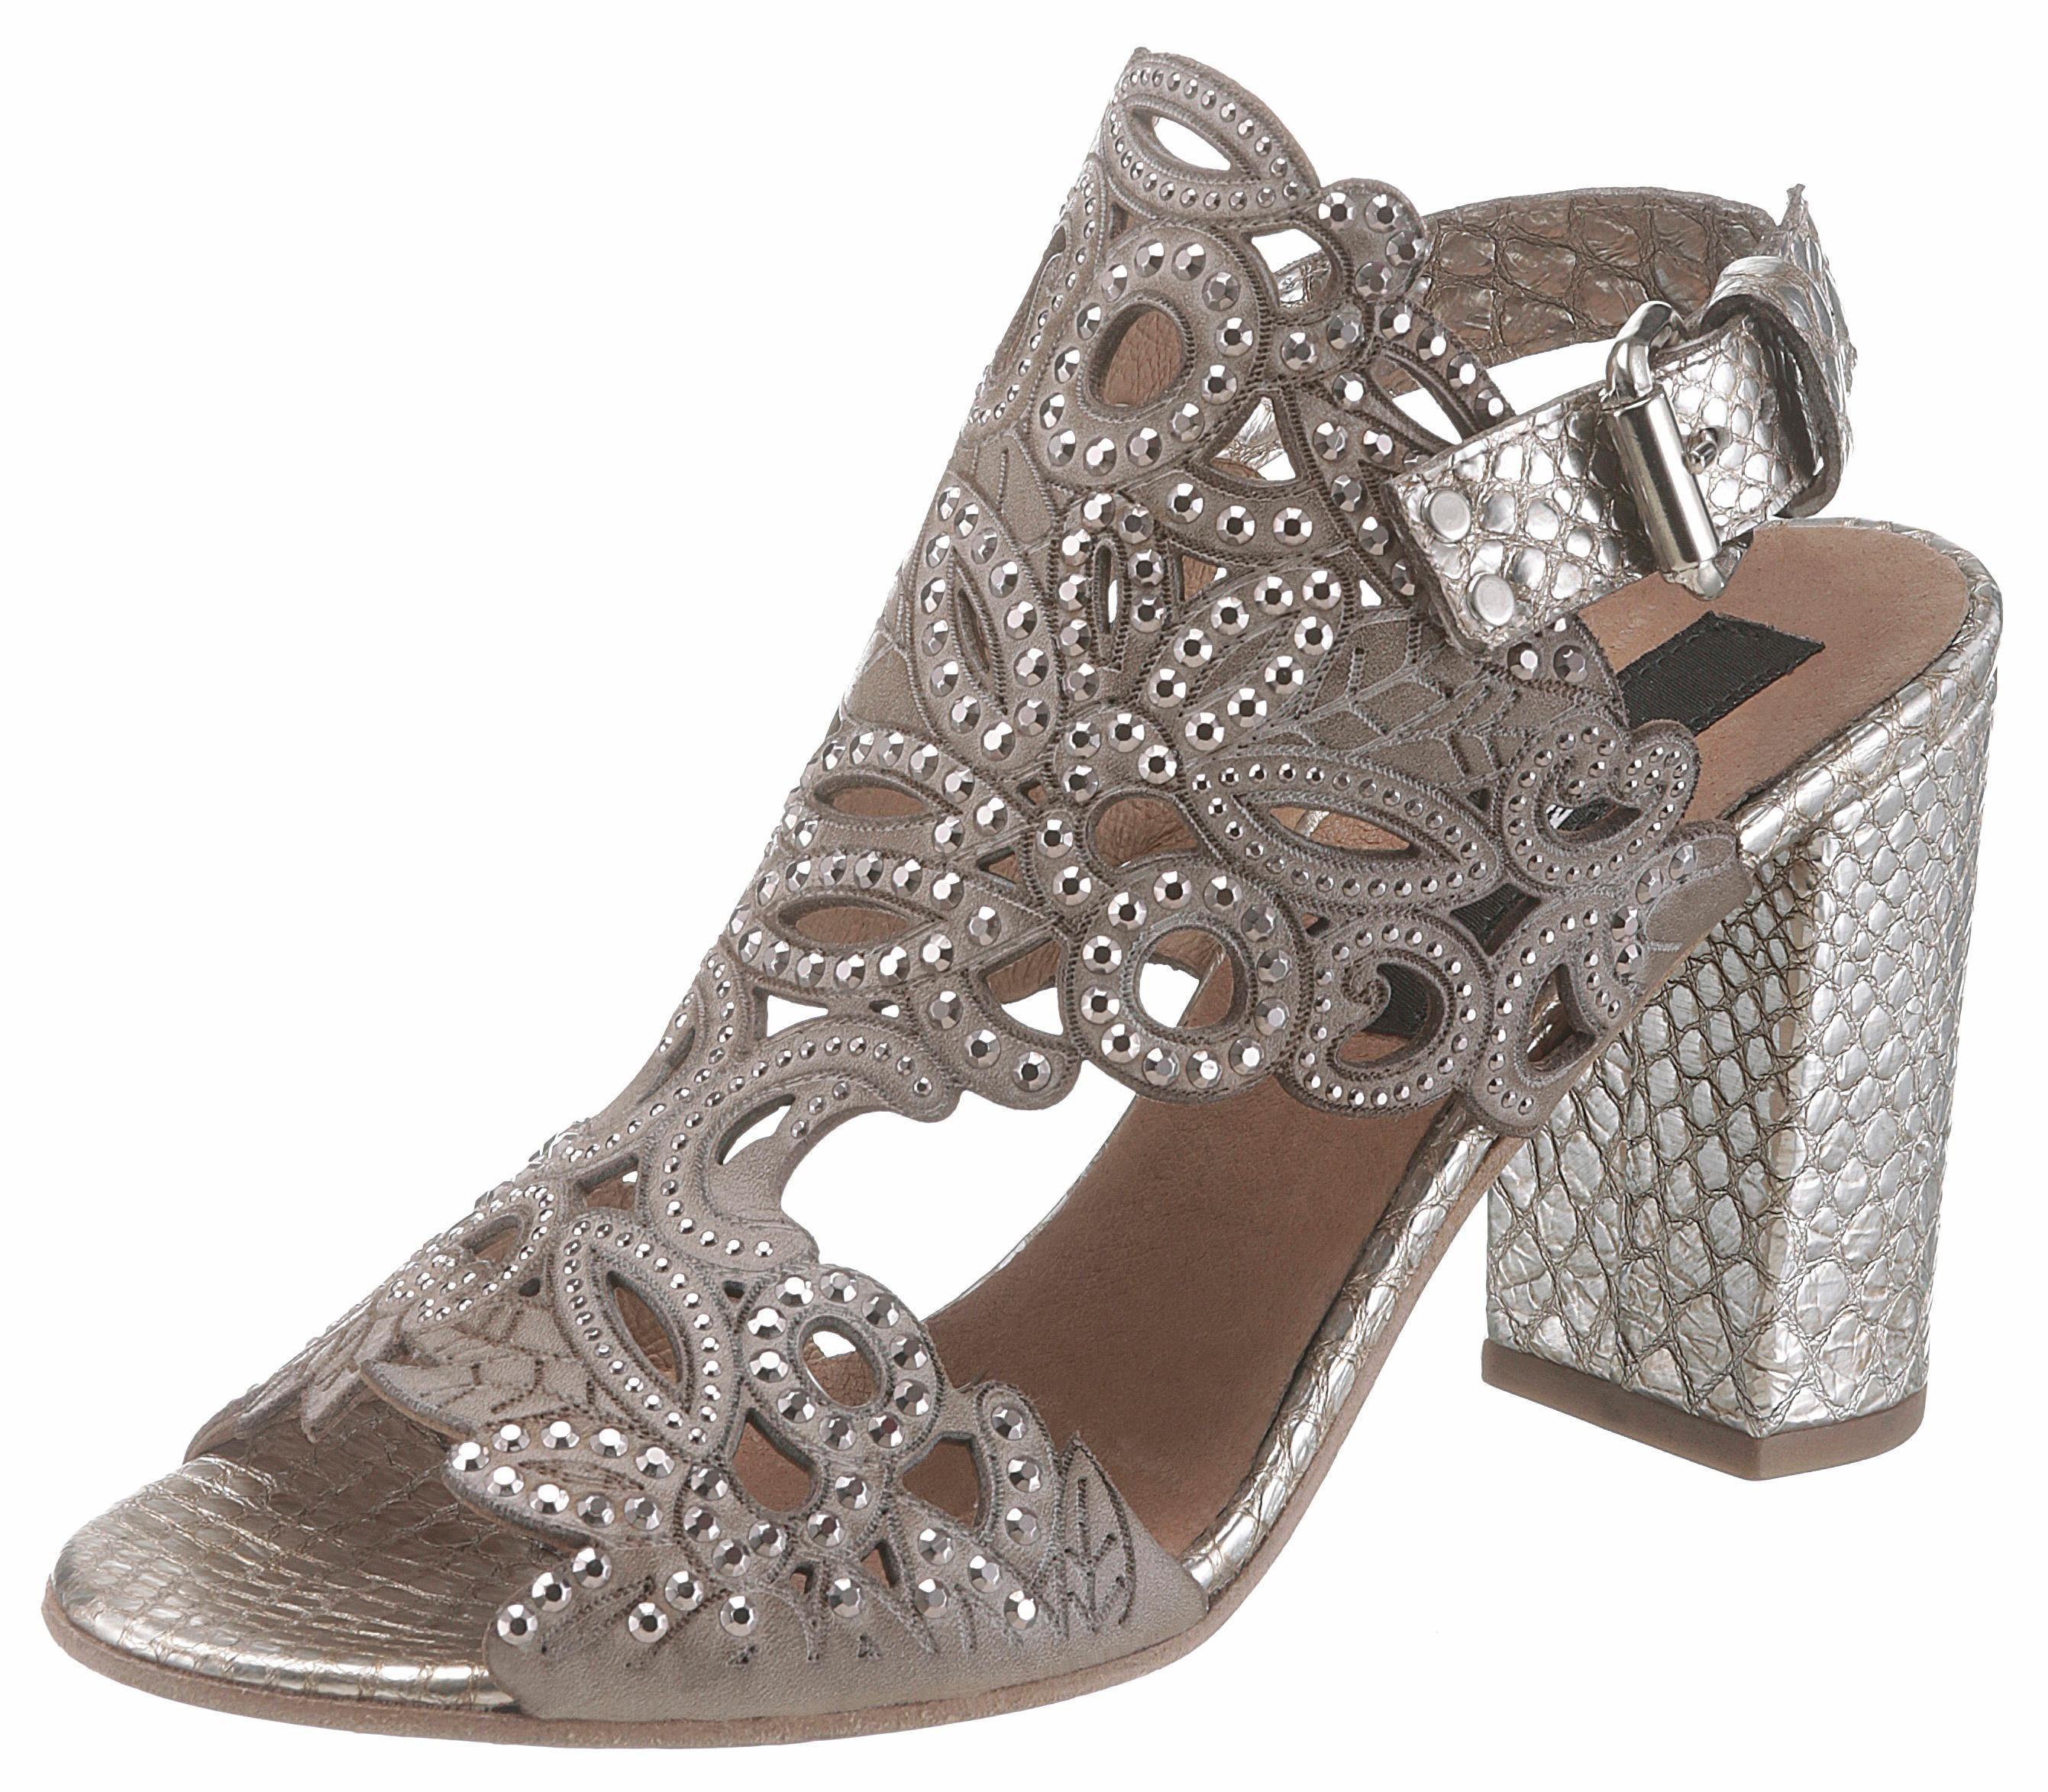 MIMMU Sandalette, in auffälliger Optik kaufen  taupe-silberfarben